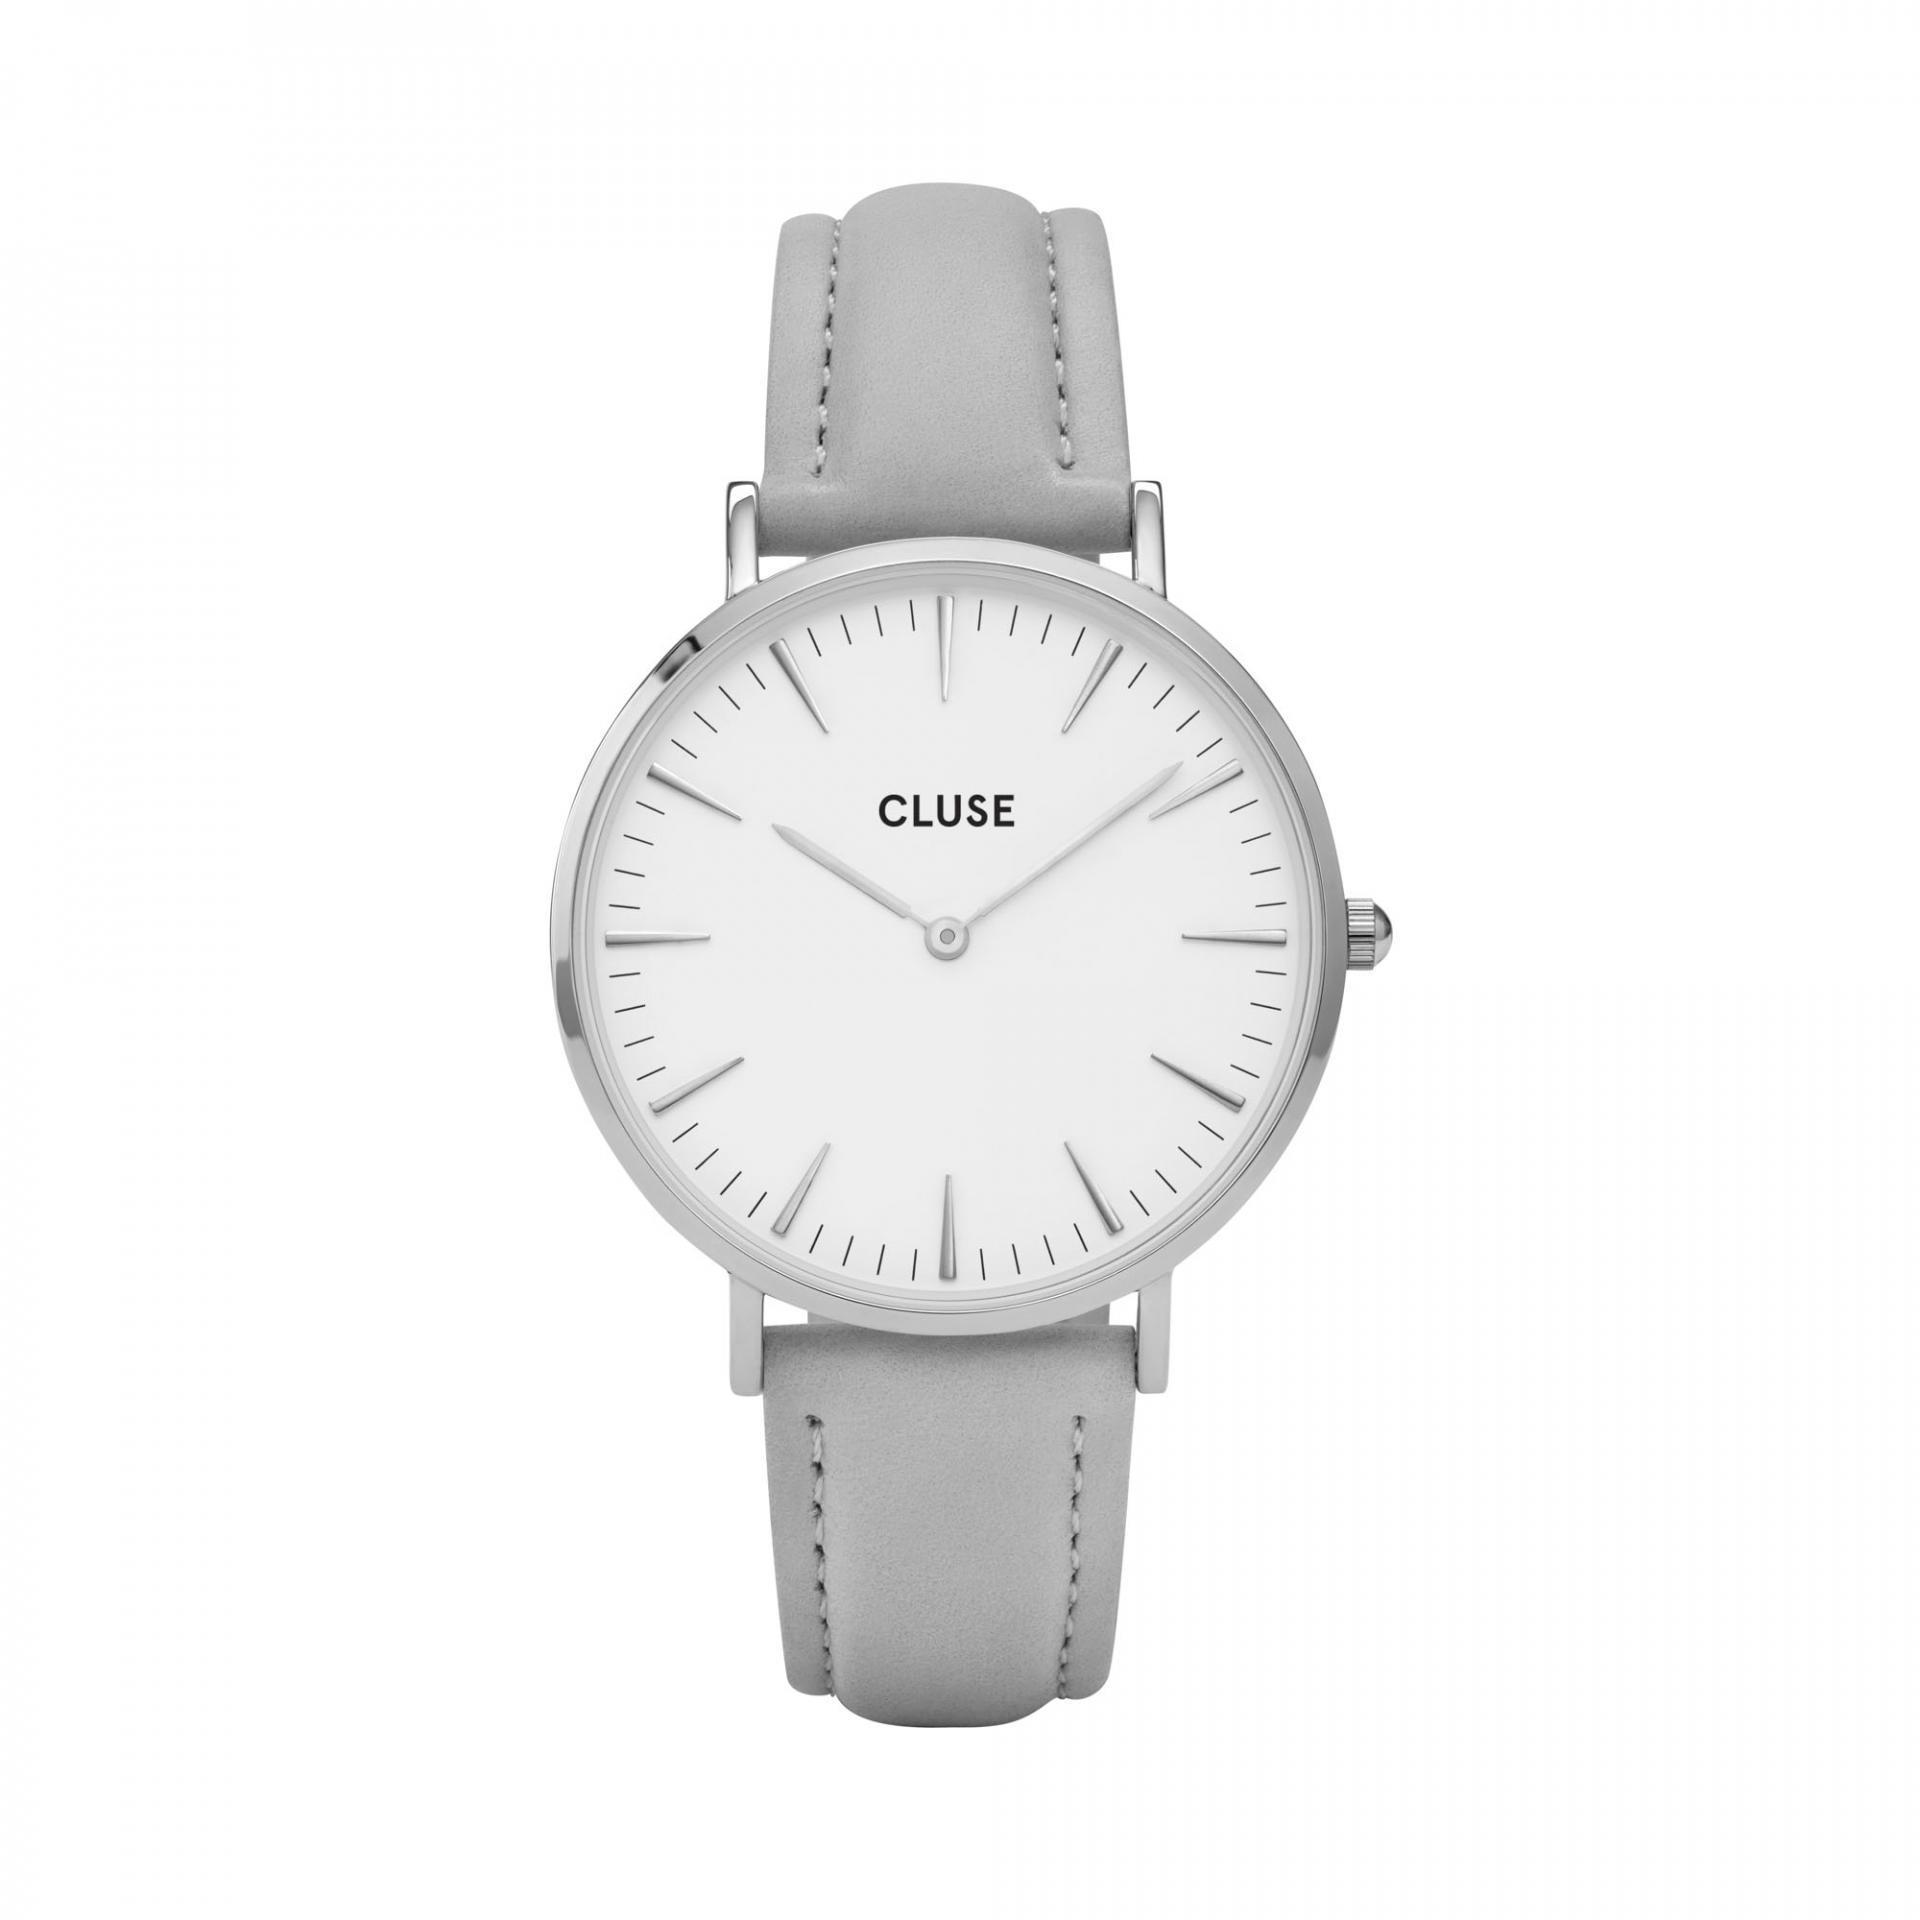 CLUSE Hodinky Cluse La Bohéme Silver white/grey, šedá barva, bílá barva, sklo, kov, kůže